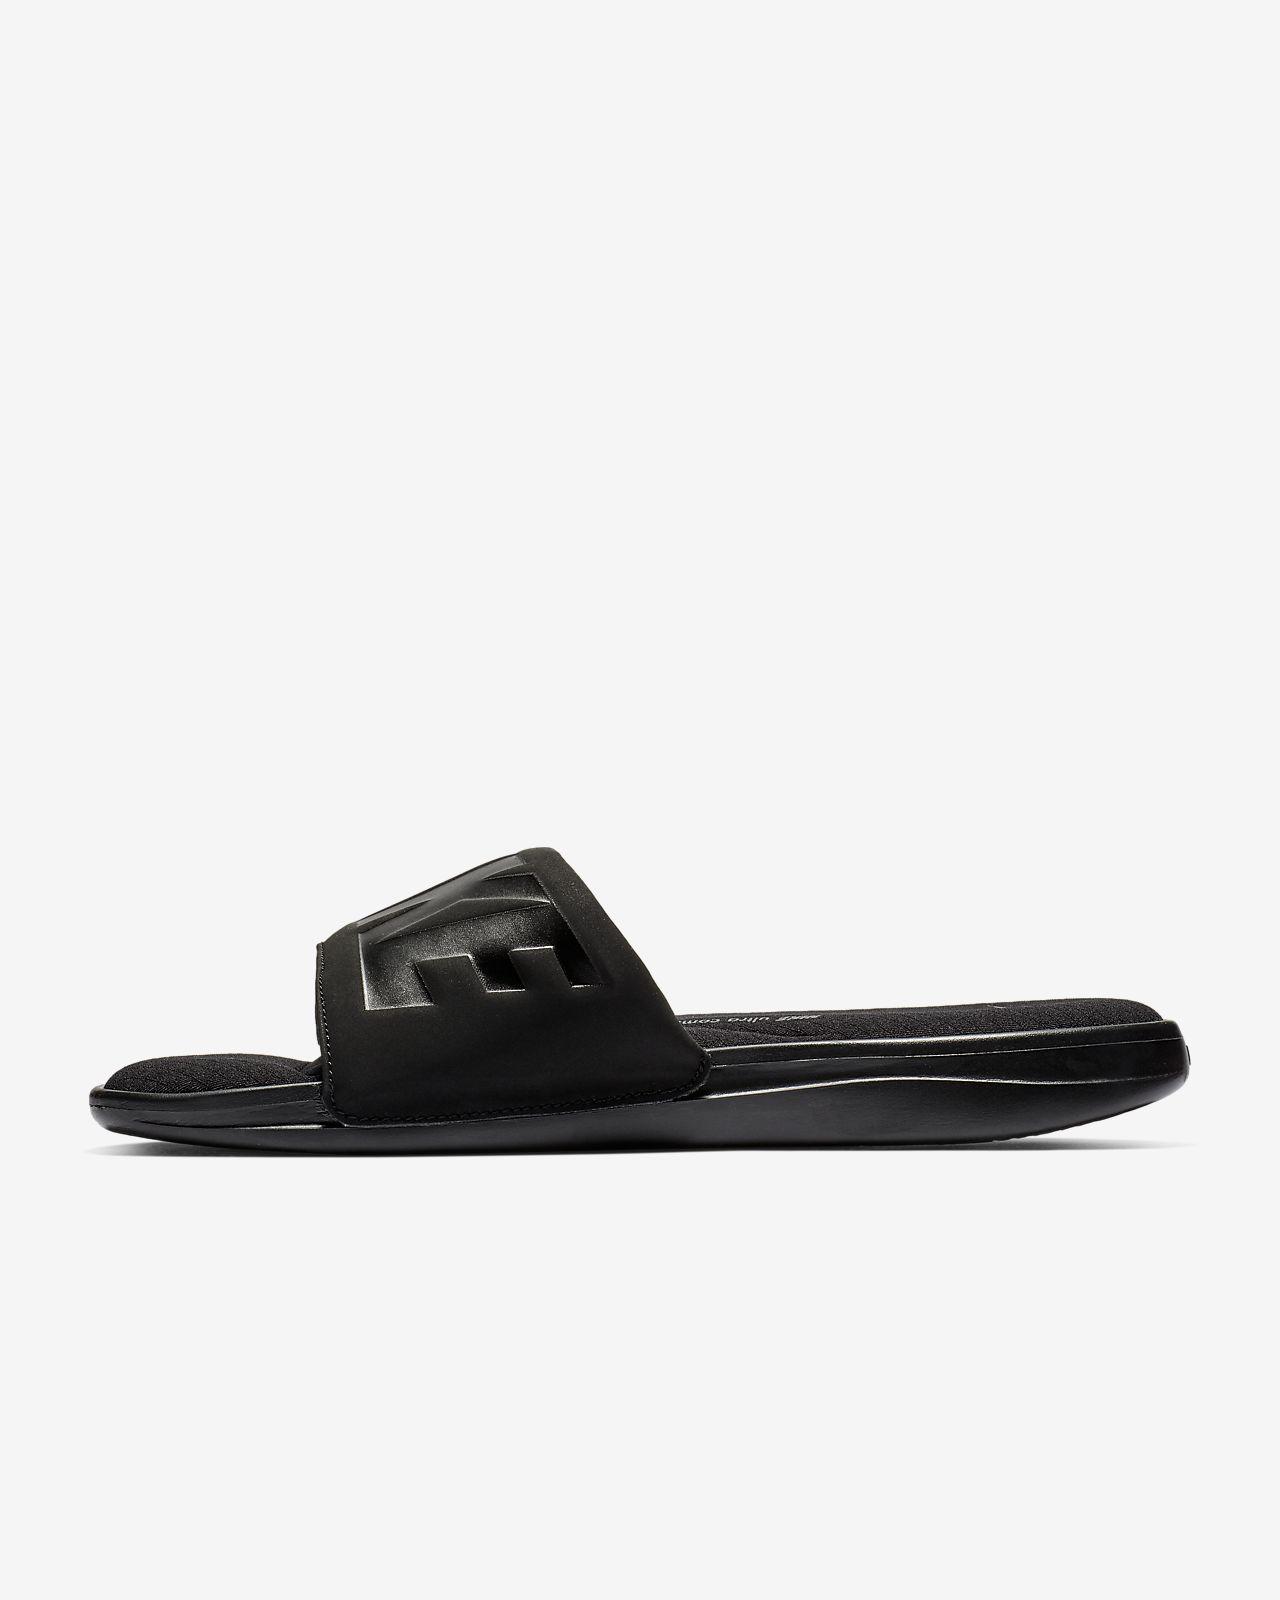 newest 48224 c7baf ... Nike Ultra Comfort 3 Men s Slide